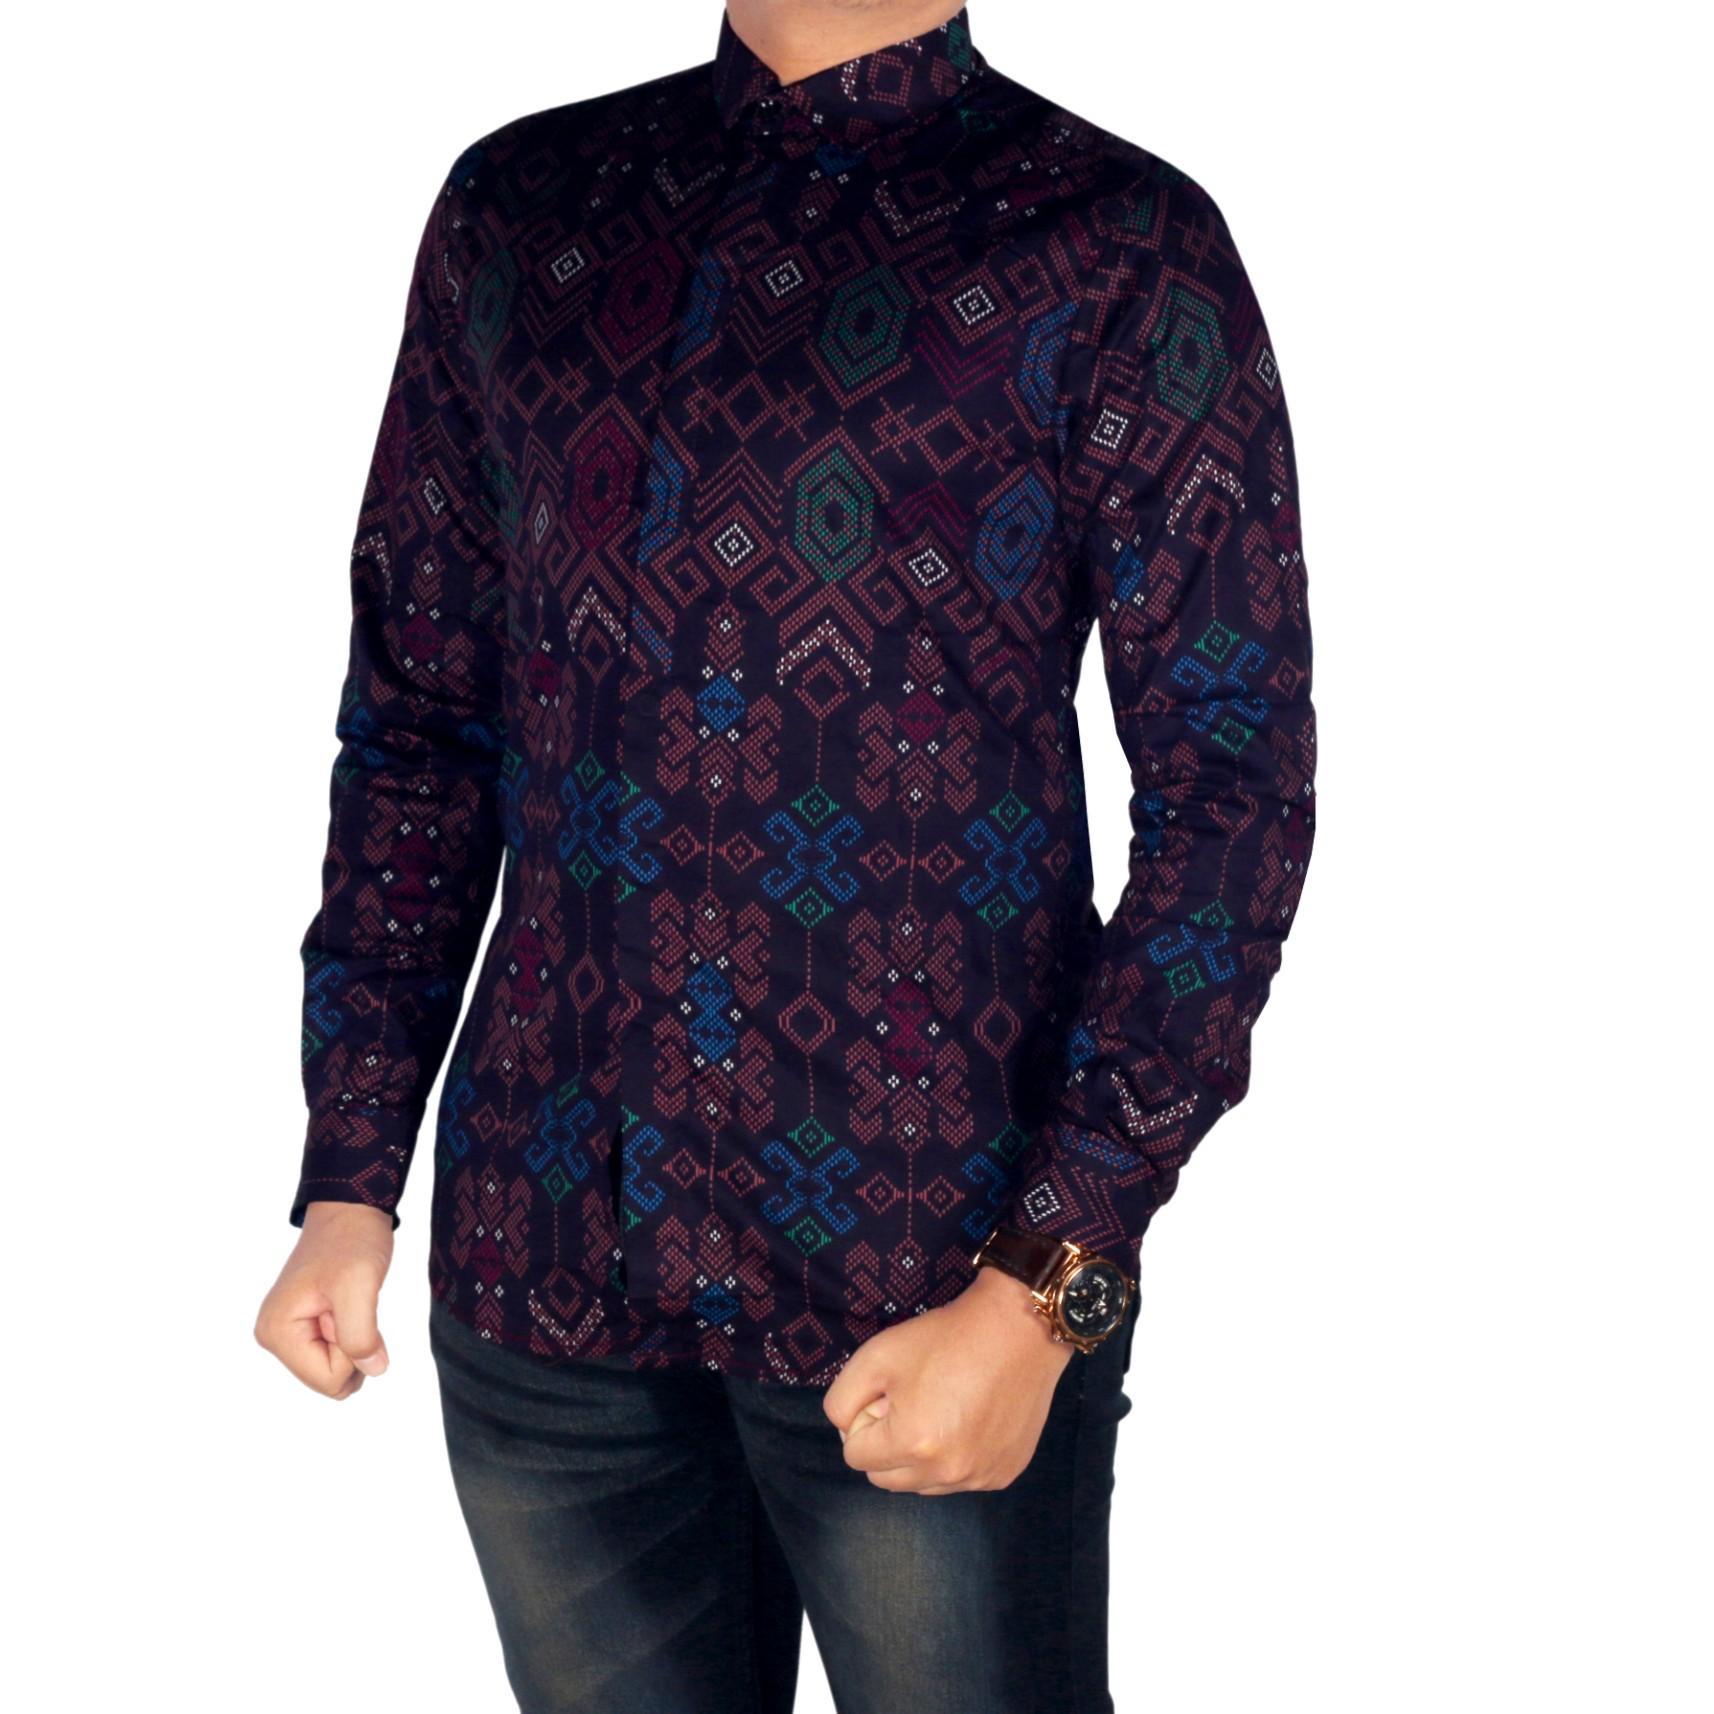 Dgm_fashion1 kemeja Pria lengan Panjang Batik Songket/kemeja pria/baju kemeja pria/kemeja flanel/kemeja pria flanel lengan panjang/kemeja pria polos/kemeja lengan pendek/ BAJU KOKO PRIA / BAJU MUSLIM PR 4814 5506 5387